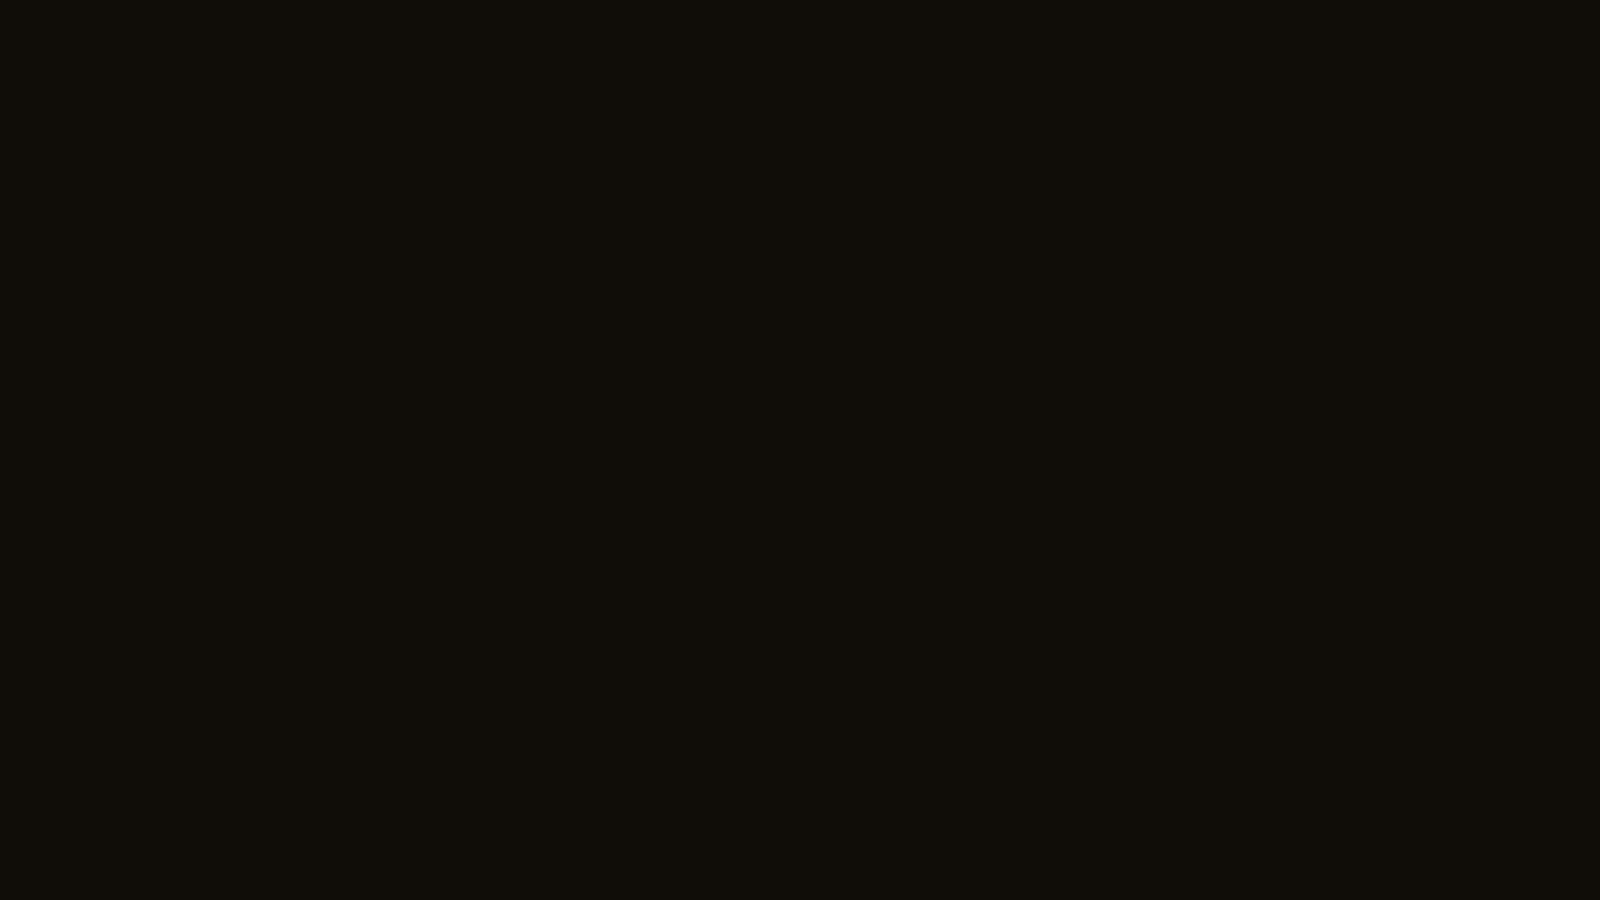 Image result for solid black 1080p wallpaper